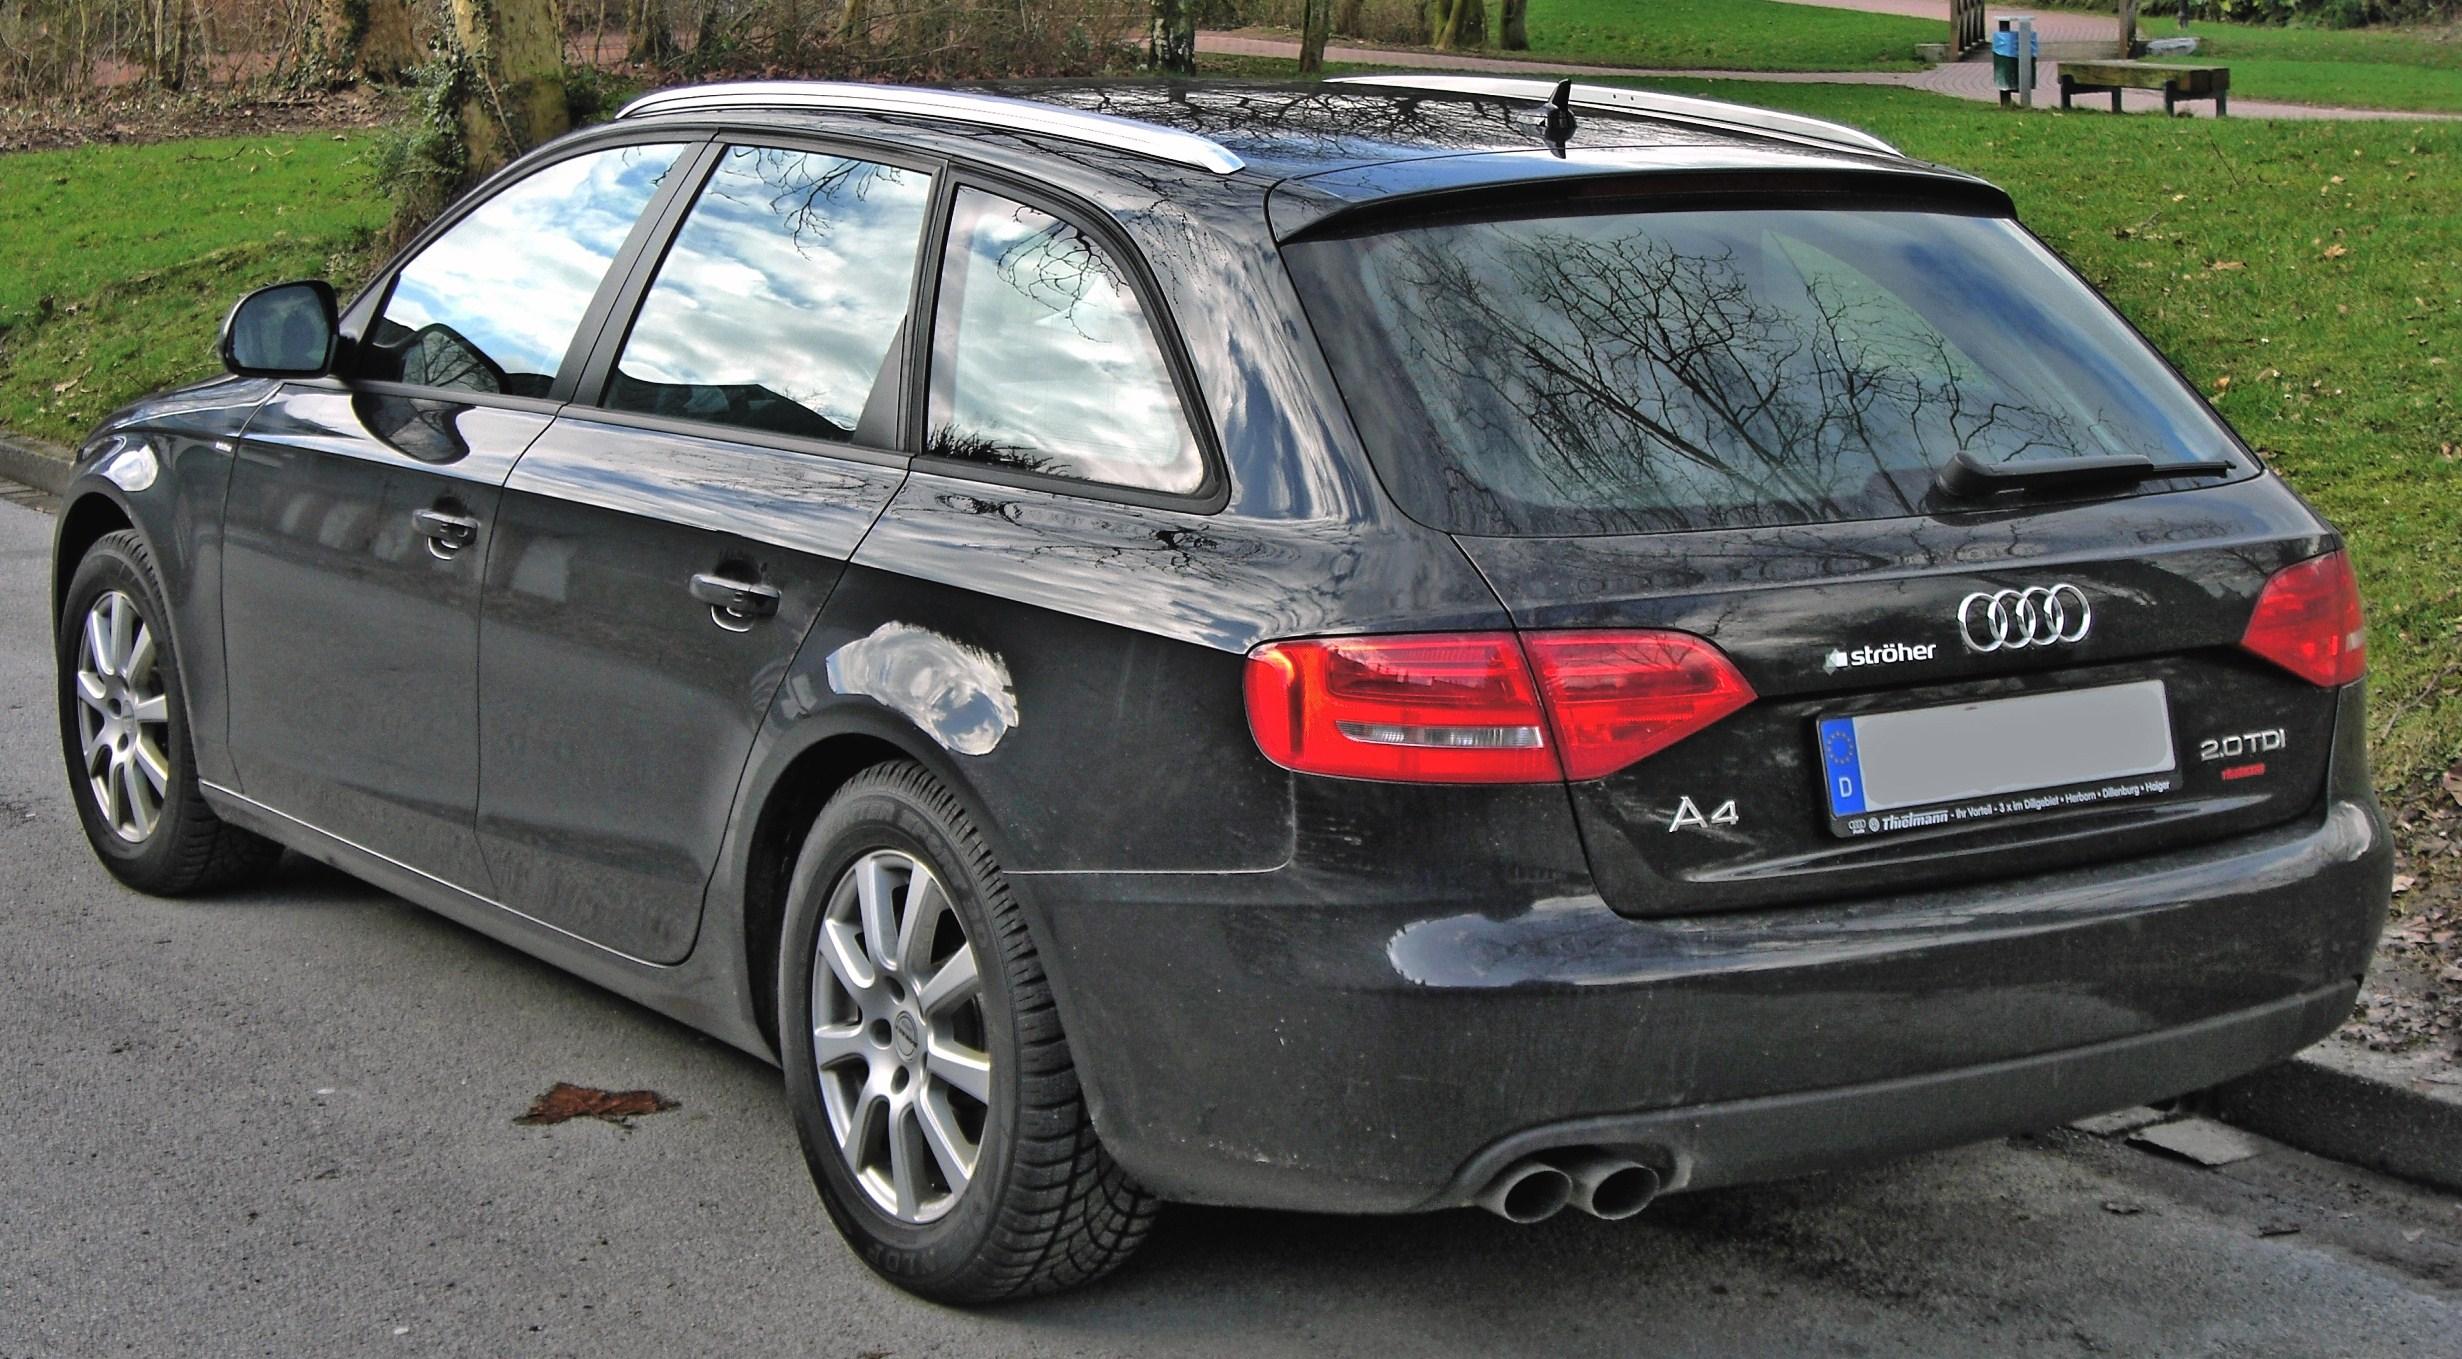 File:Audi A4 Avant B8 20090311 rear.jpg - Wikimedia Commons